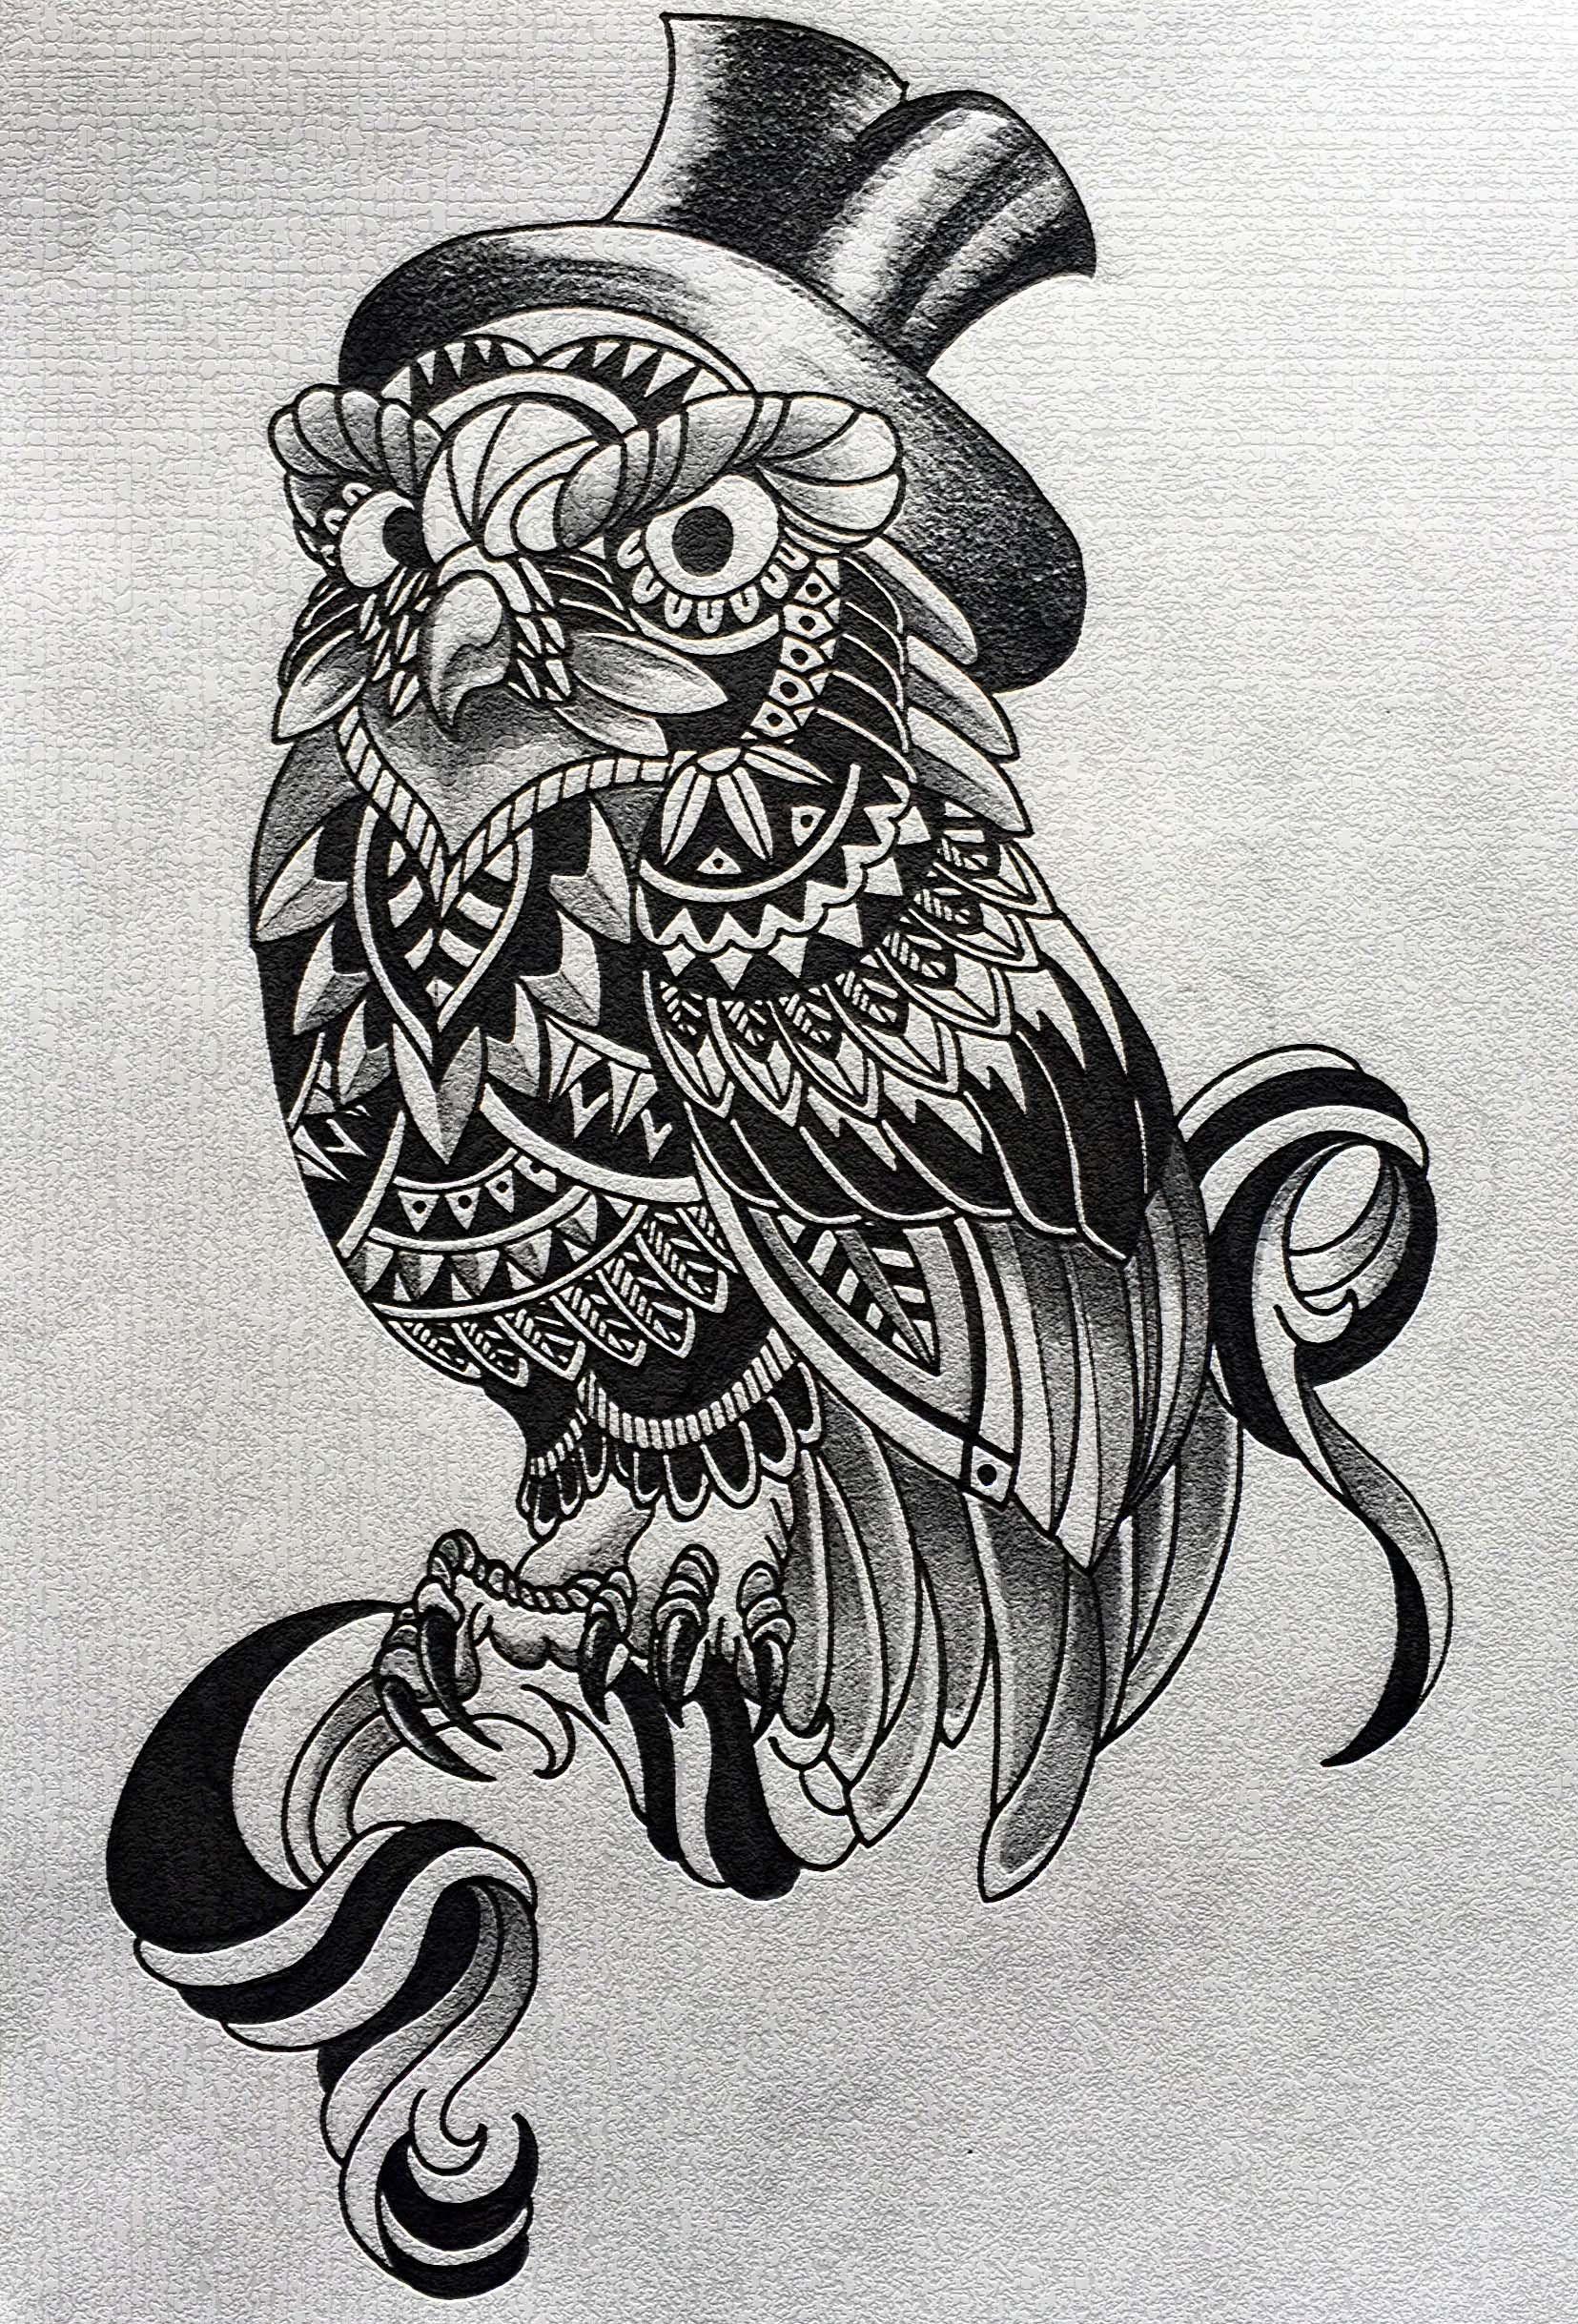 フクロウ タトゥー 刺青 トライバル デザイン owl tattoo tribal design